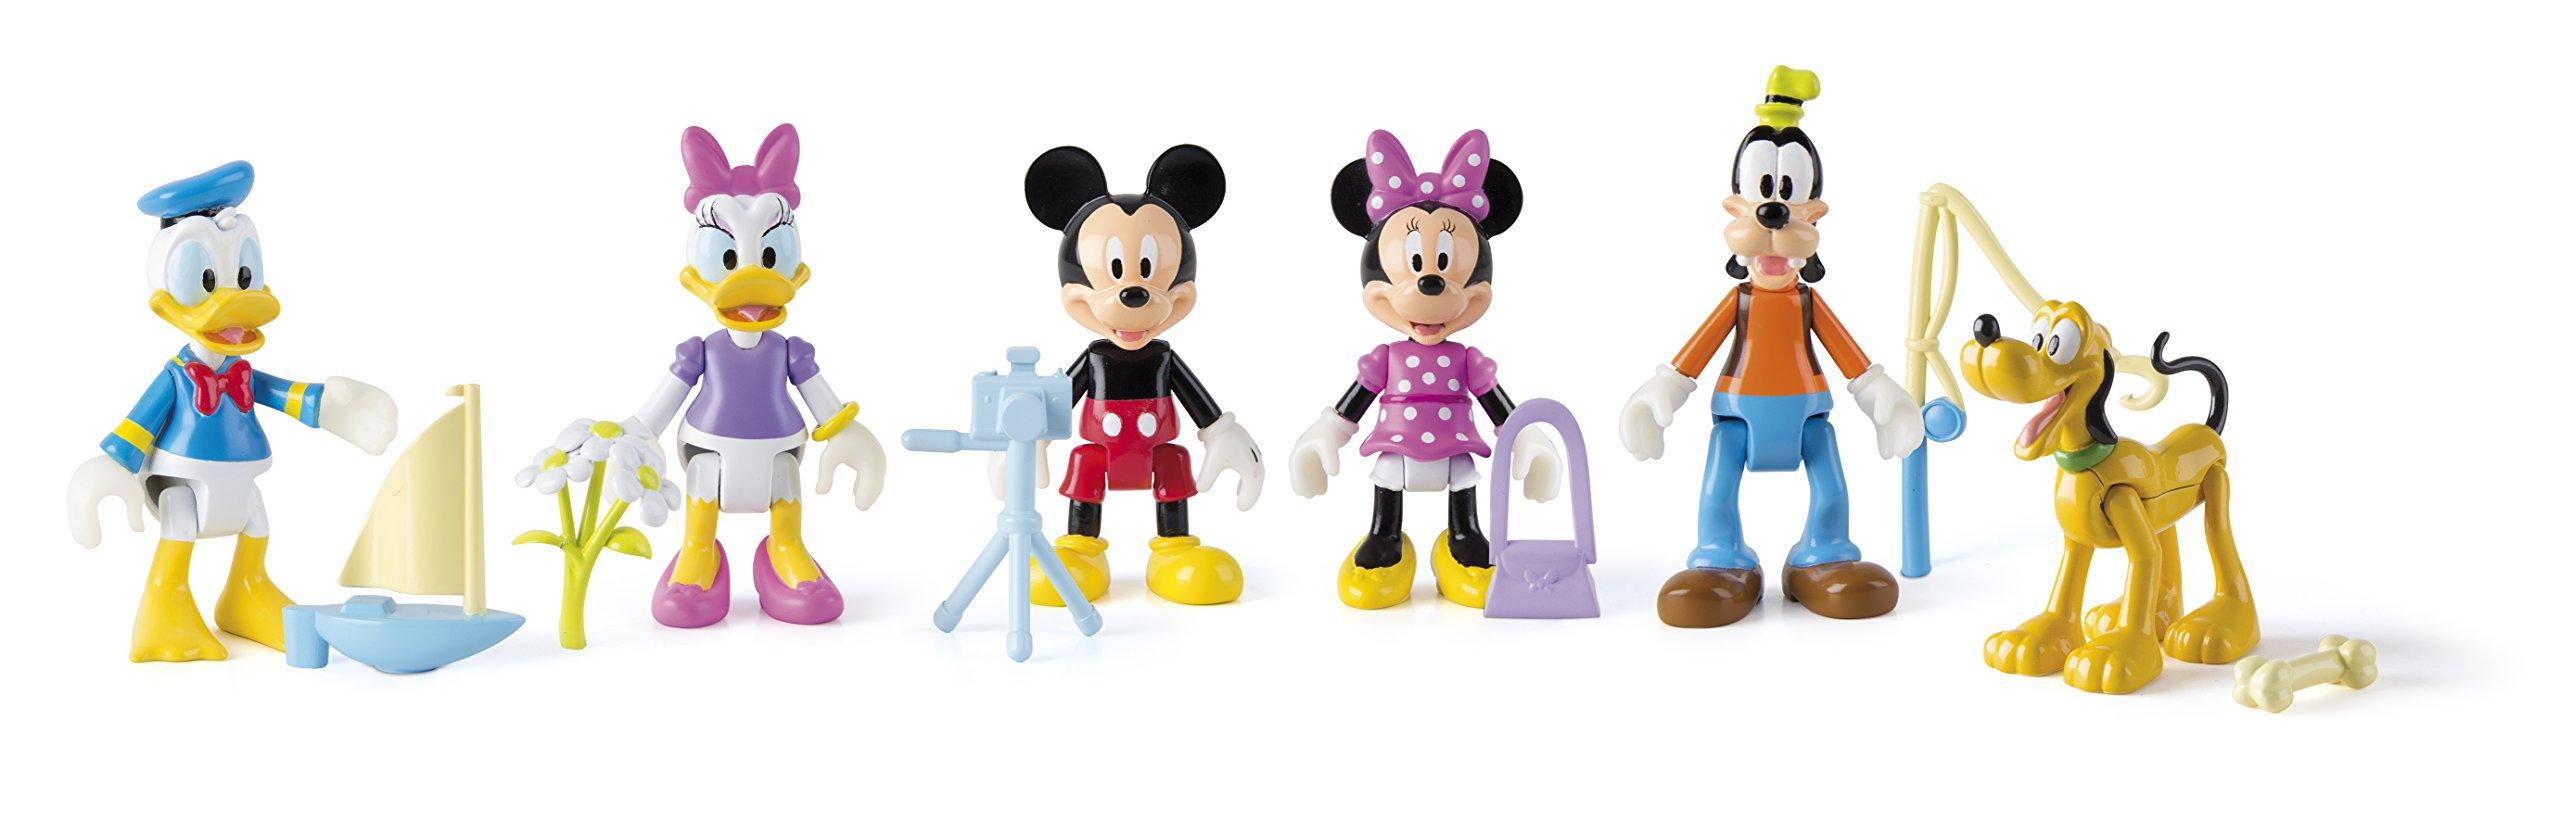 Casa club Mickey Mouse - 181854 - Modelo aleatorio - Tema de aventuras - Paquete de 1 figura articula. , Modelos/colores Surtidos, 1 Unidad: Amazon.es: Juguetes y juegos